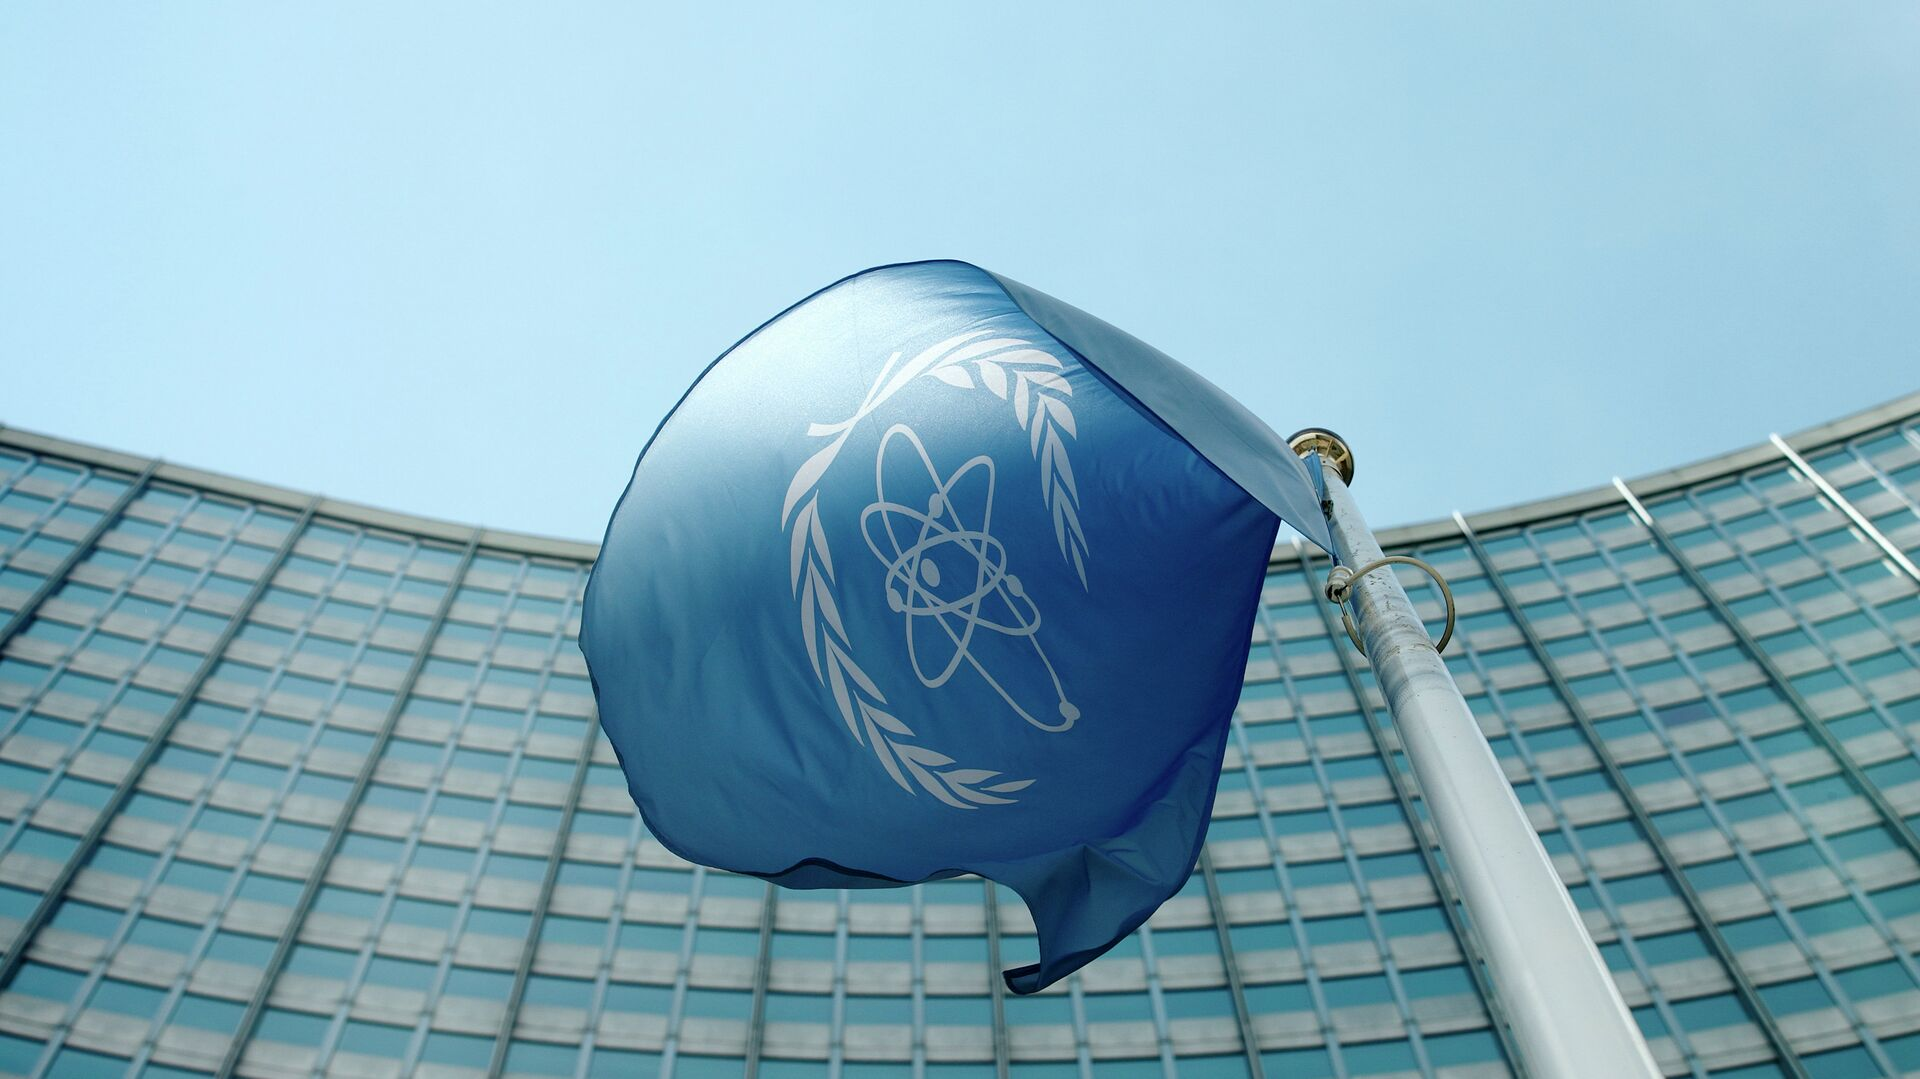 La bandera del Organismo Internacional de Energía Atómica - Sputnik Mundo, 1920, 01.10.2021